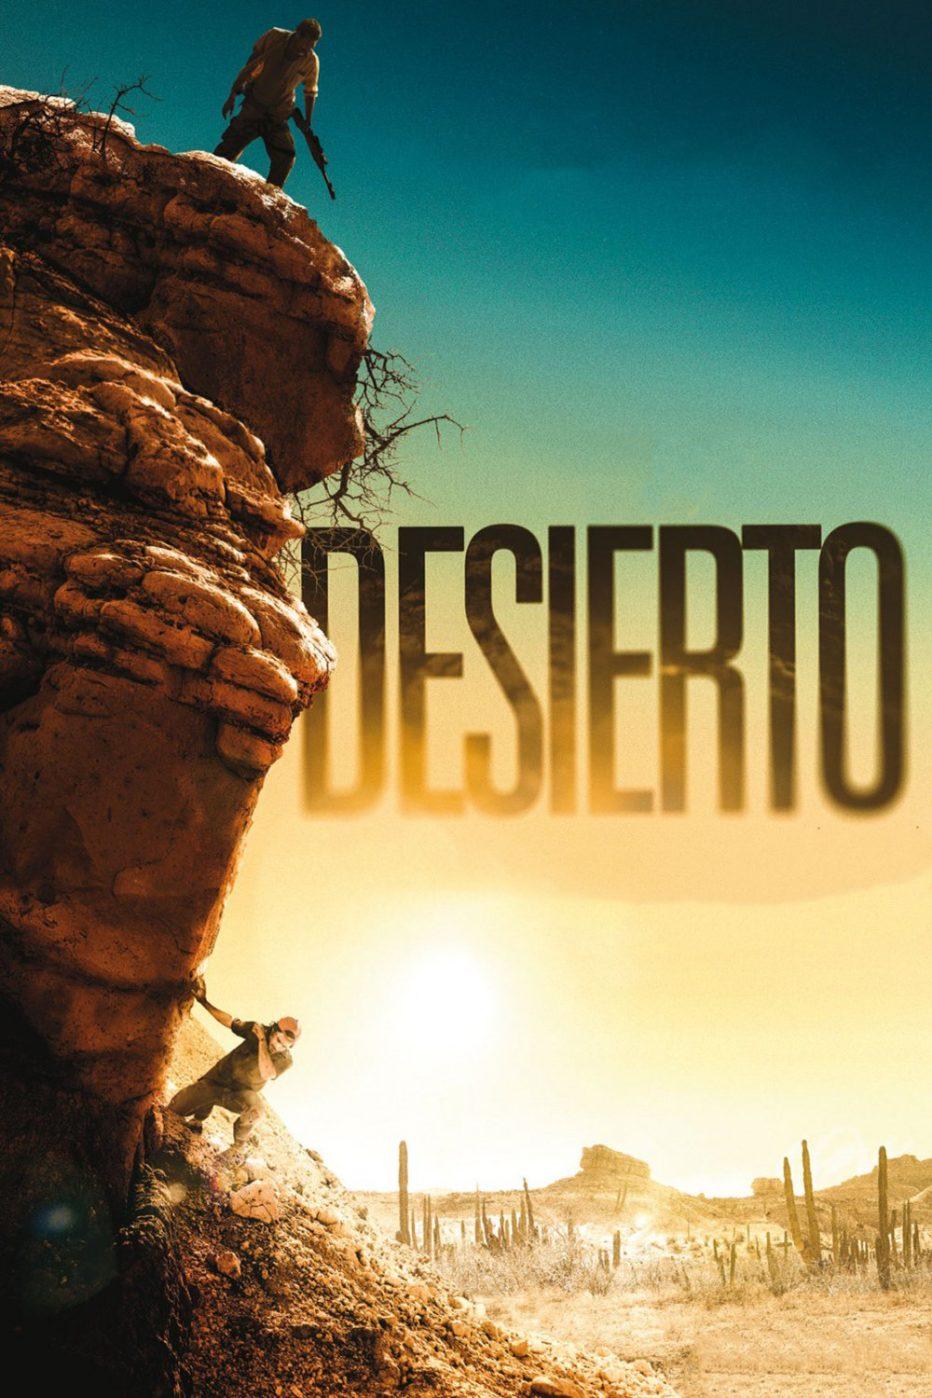 Trailer de Desierto, que veremos en #sitges2016